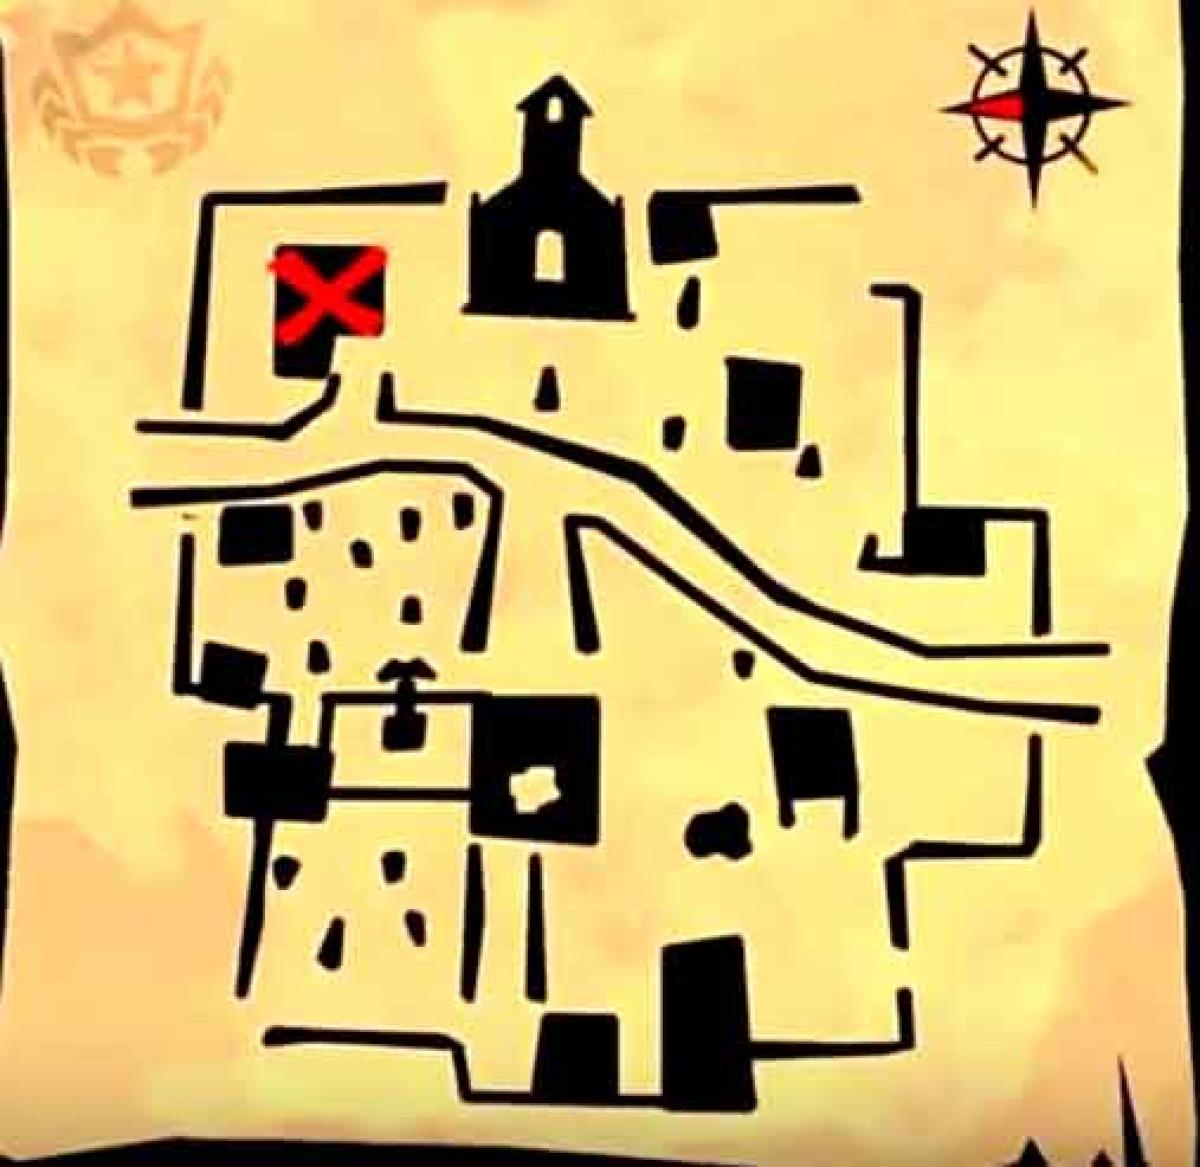 Mapa De Ribera Repipi.Sigue El Mapa Del Tesoro De Ribera Repipi En Fortnite